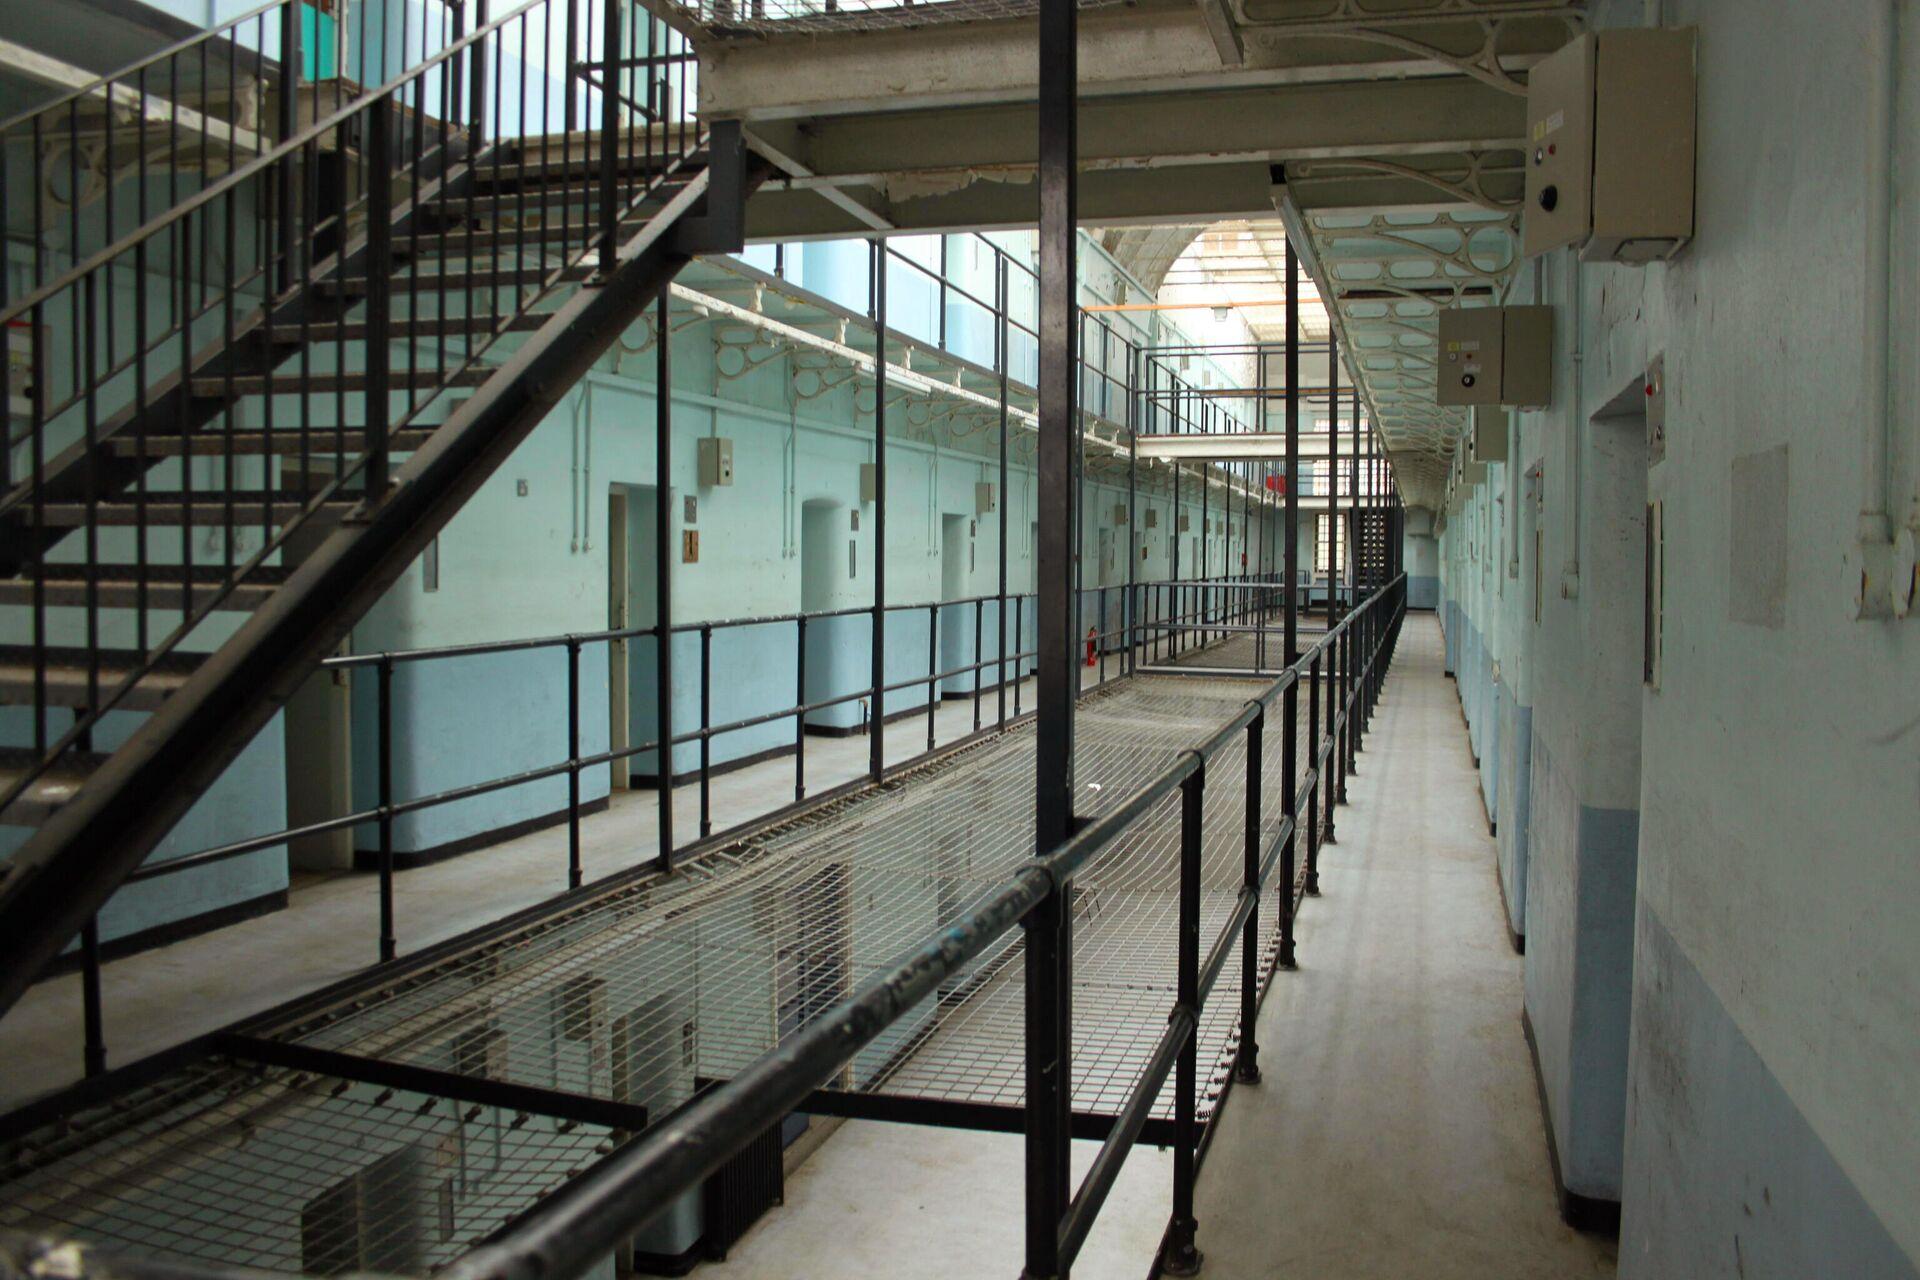 Тюрьма в городе Шептон Маллет, Англия - РИА Новости, 1920, 10.12.2020